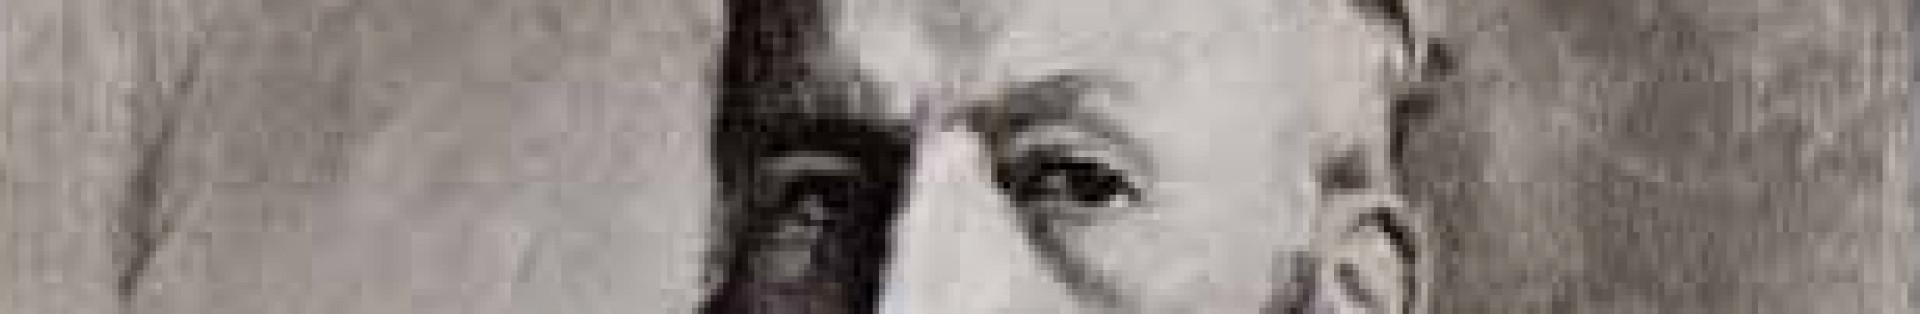 JÓZEF CHEŁMOŃSKI: ŻYCIE I TWÓRCZOŚĆ - CZĘŚĆ II